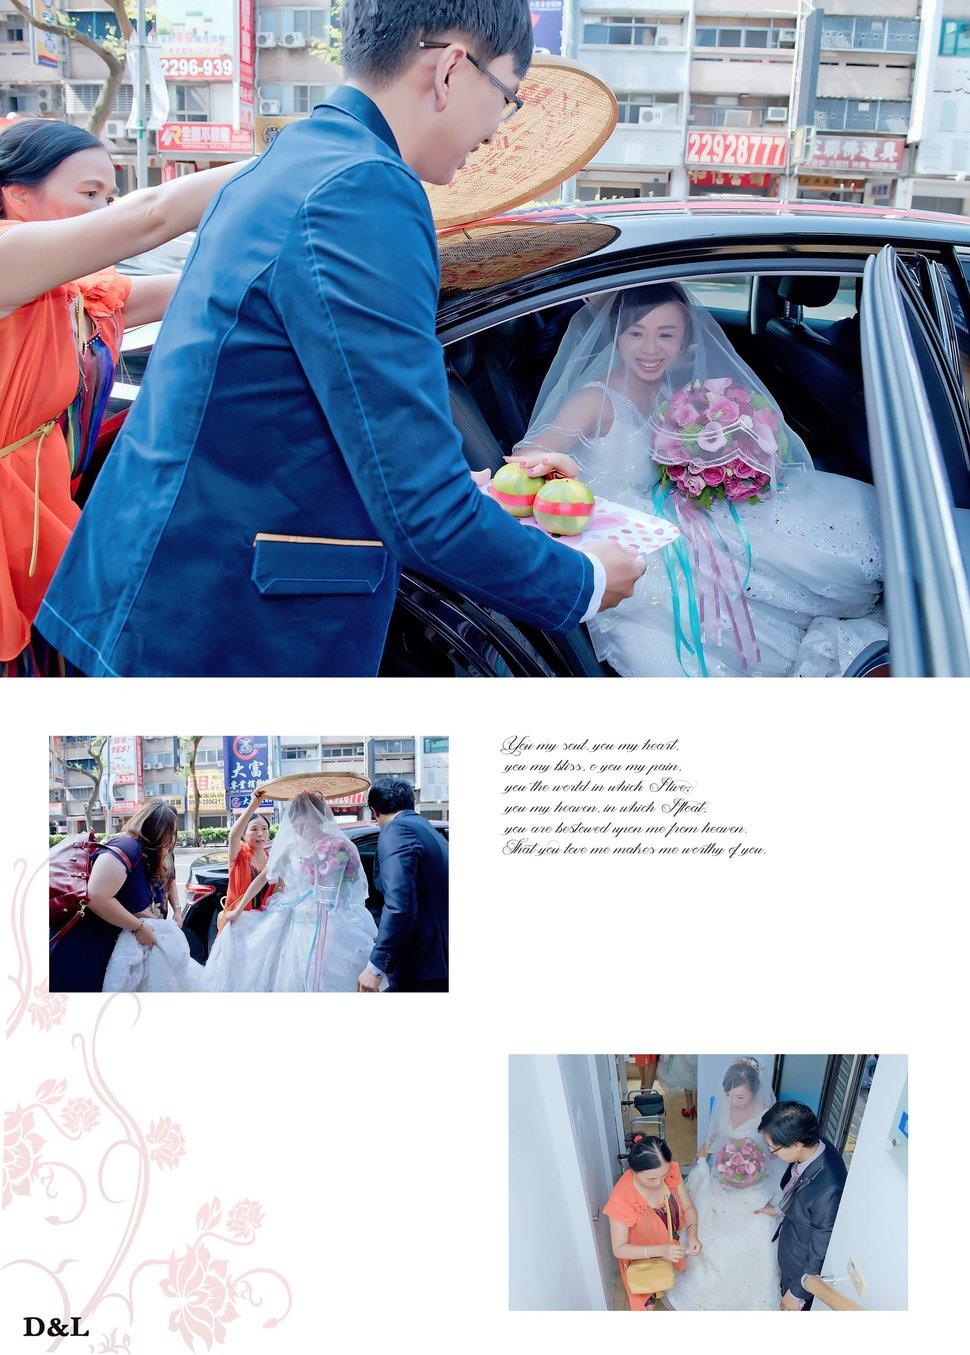 台中婚攝 婚禮記錄 維信&佩君-球愛物語景觀婚禮會館(編號:374406) - D&L 婚禮事務-婚紗攝影/婚禮記錄 - 結婚吧